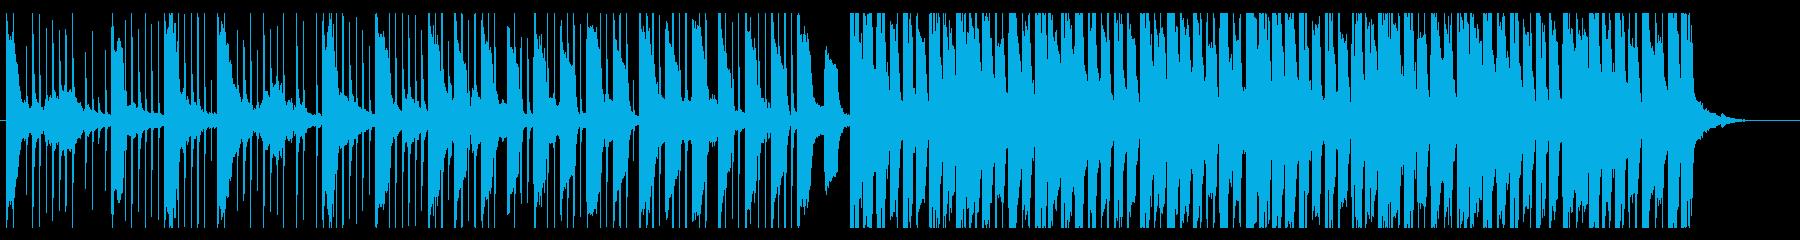 浮遊感/優しさ_No417_2の再生済みの波形